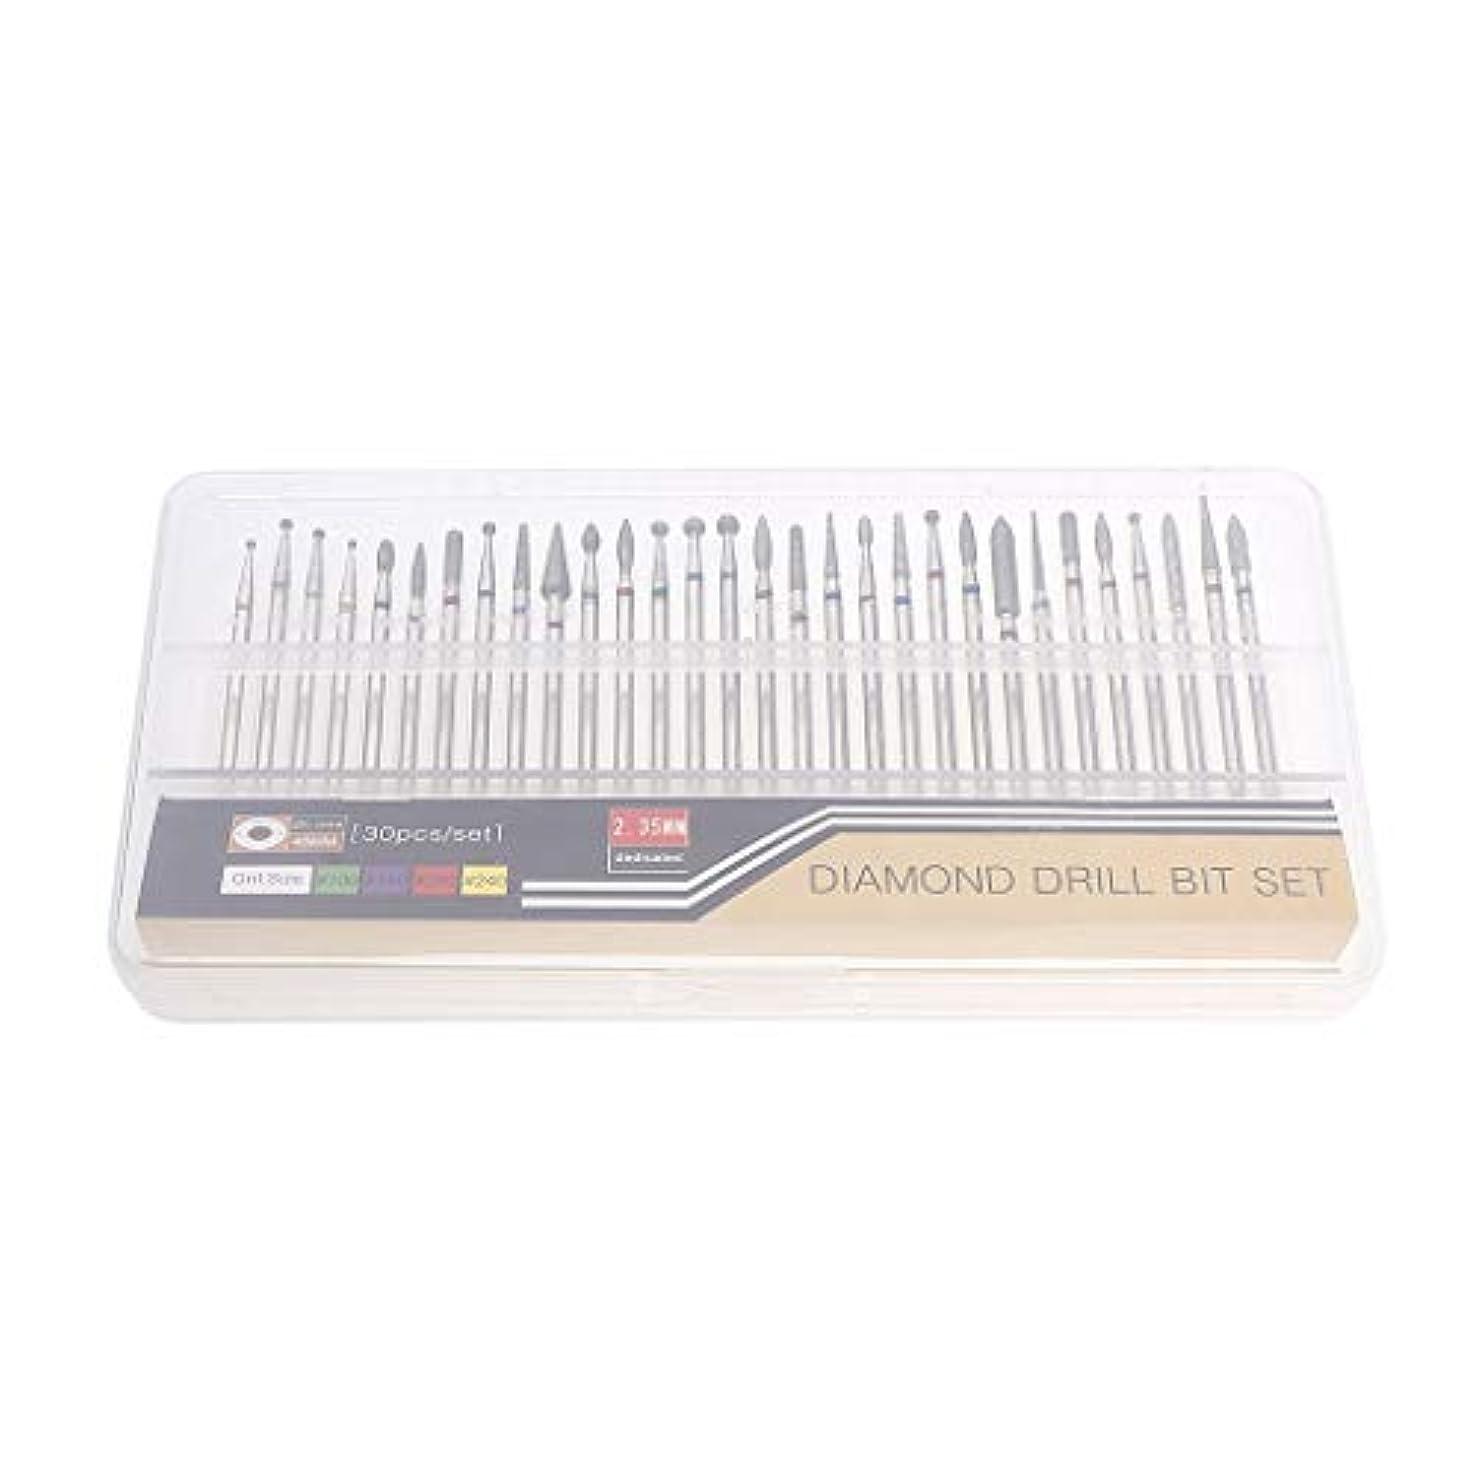 まぶしさアーティファクトぐるぐるToygogo 電気ネイルドリル超硬ビットダイヤモンドネイルドリルマシンネイルファイルドリルビットキット、30個、アクリルネイルジェルネイルグレージング、マニキュア、ペディキュア用